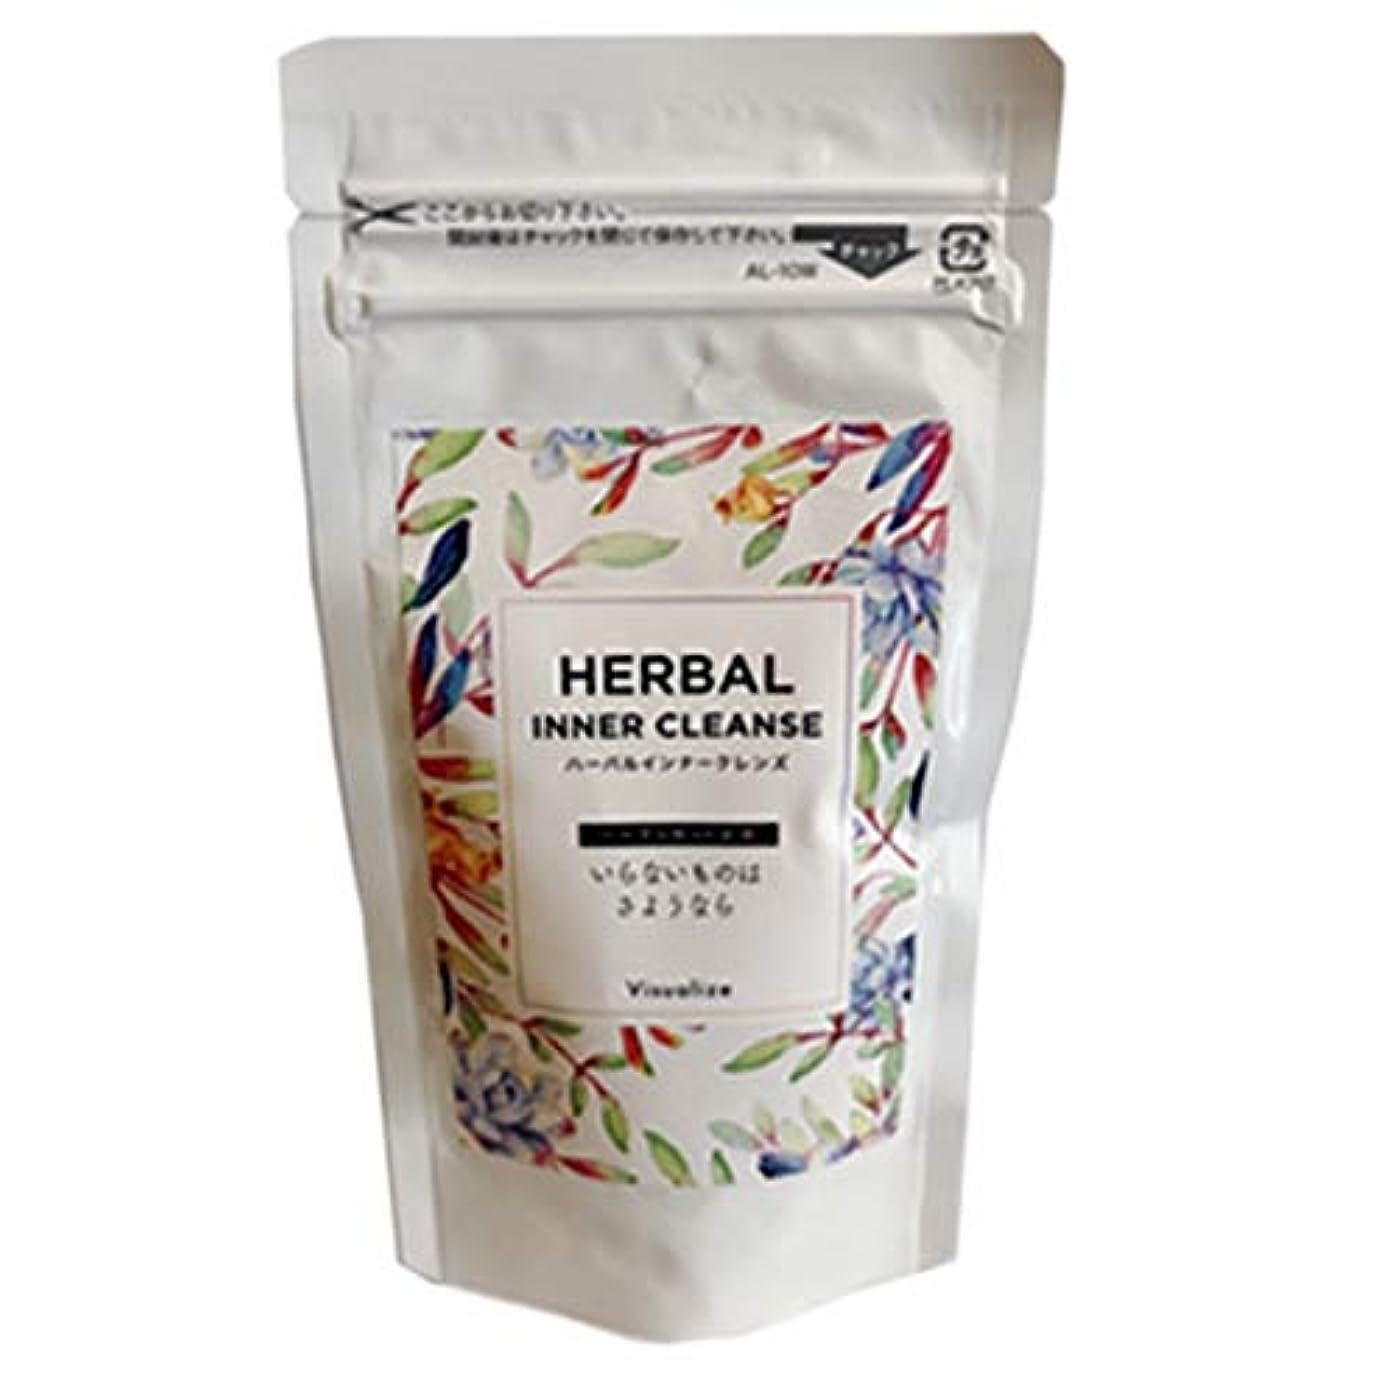 弾薬あそこ魅了するハーバルインナークレンズ Herbal INNER CLEANZE (150粒(tablets))2019/1/8より順次発送